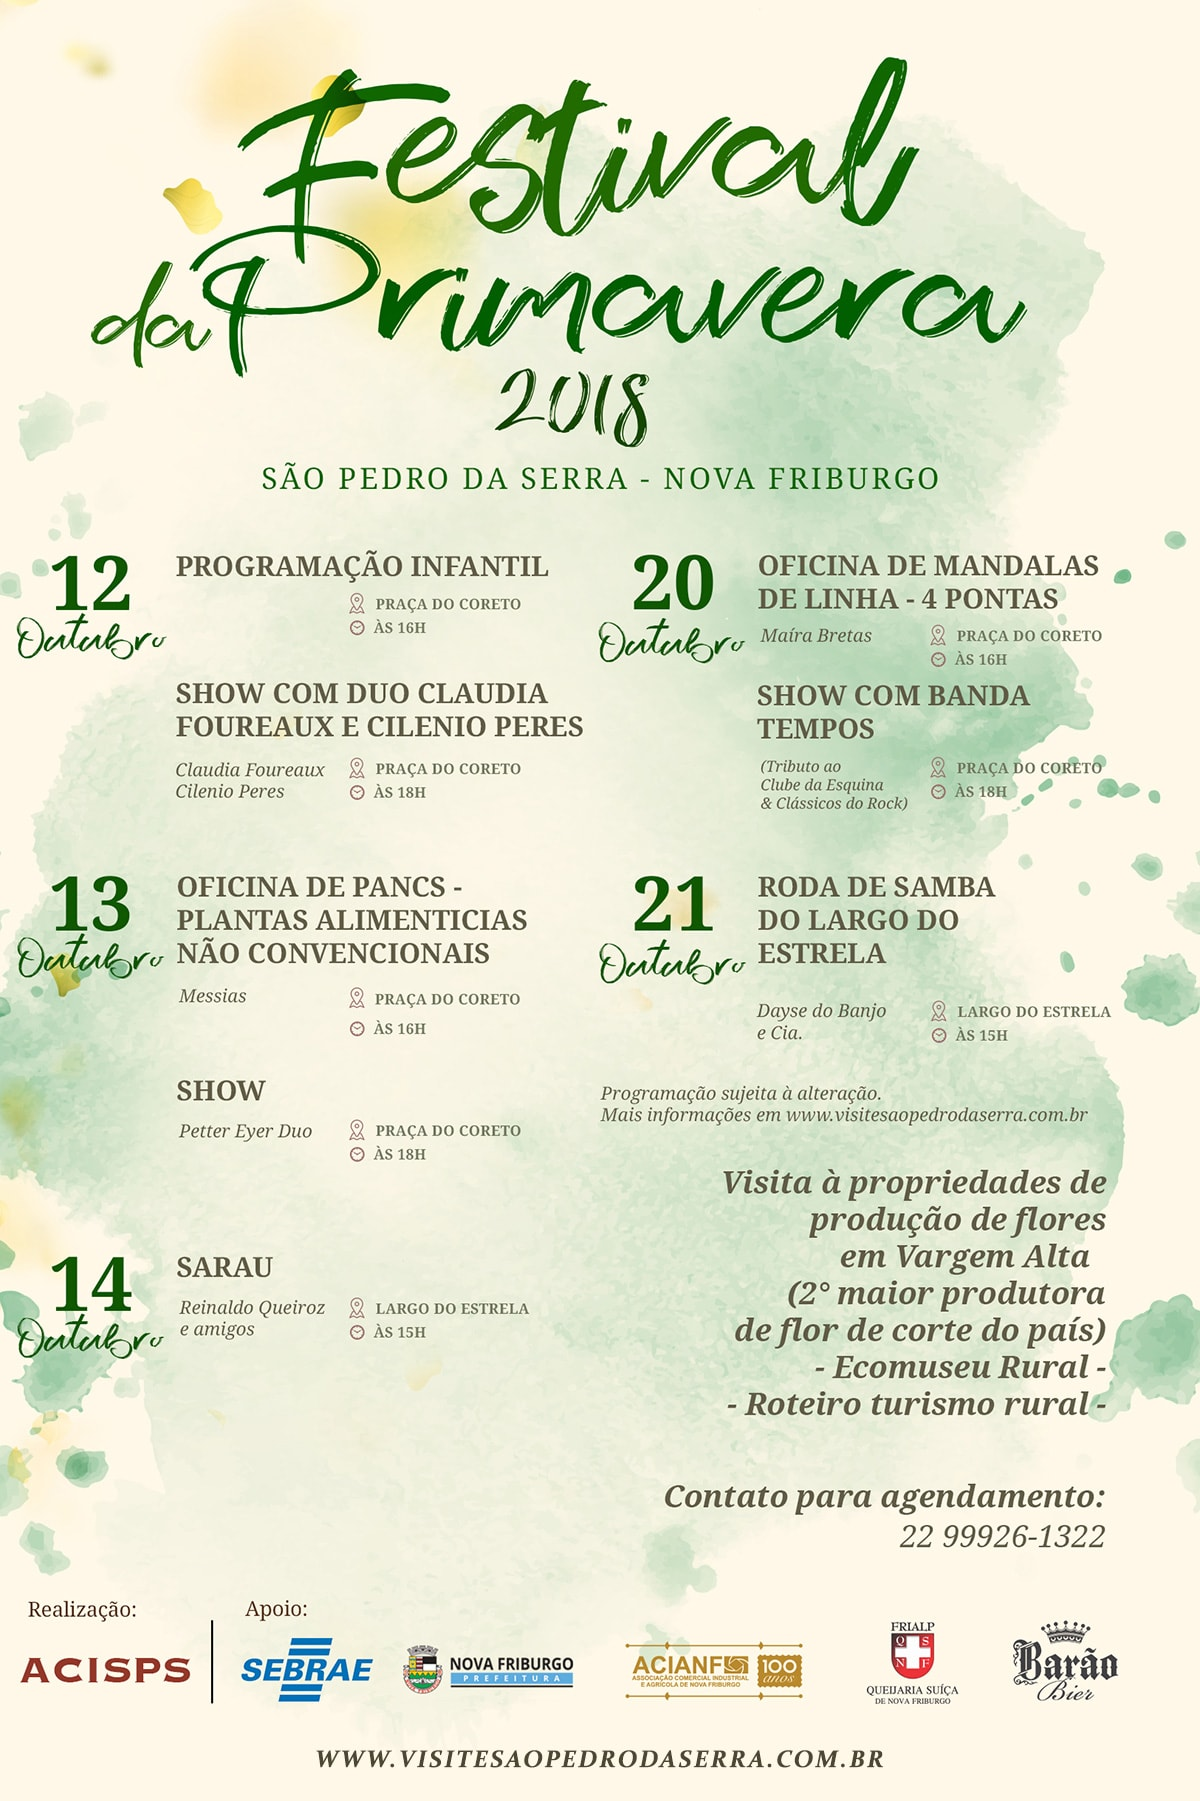 Festival da Primavera 2018 São Pedro da Serra, Nova Friburgo